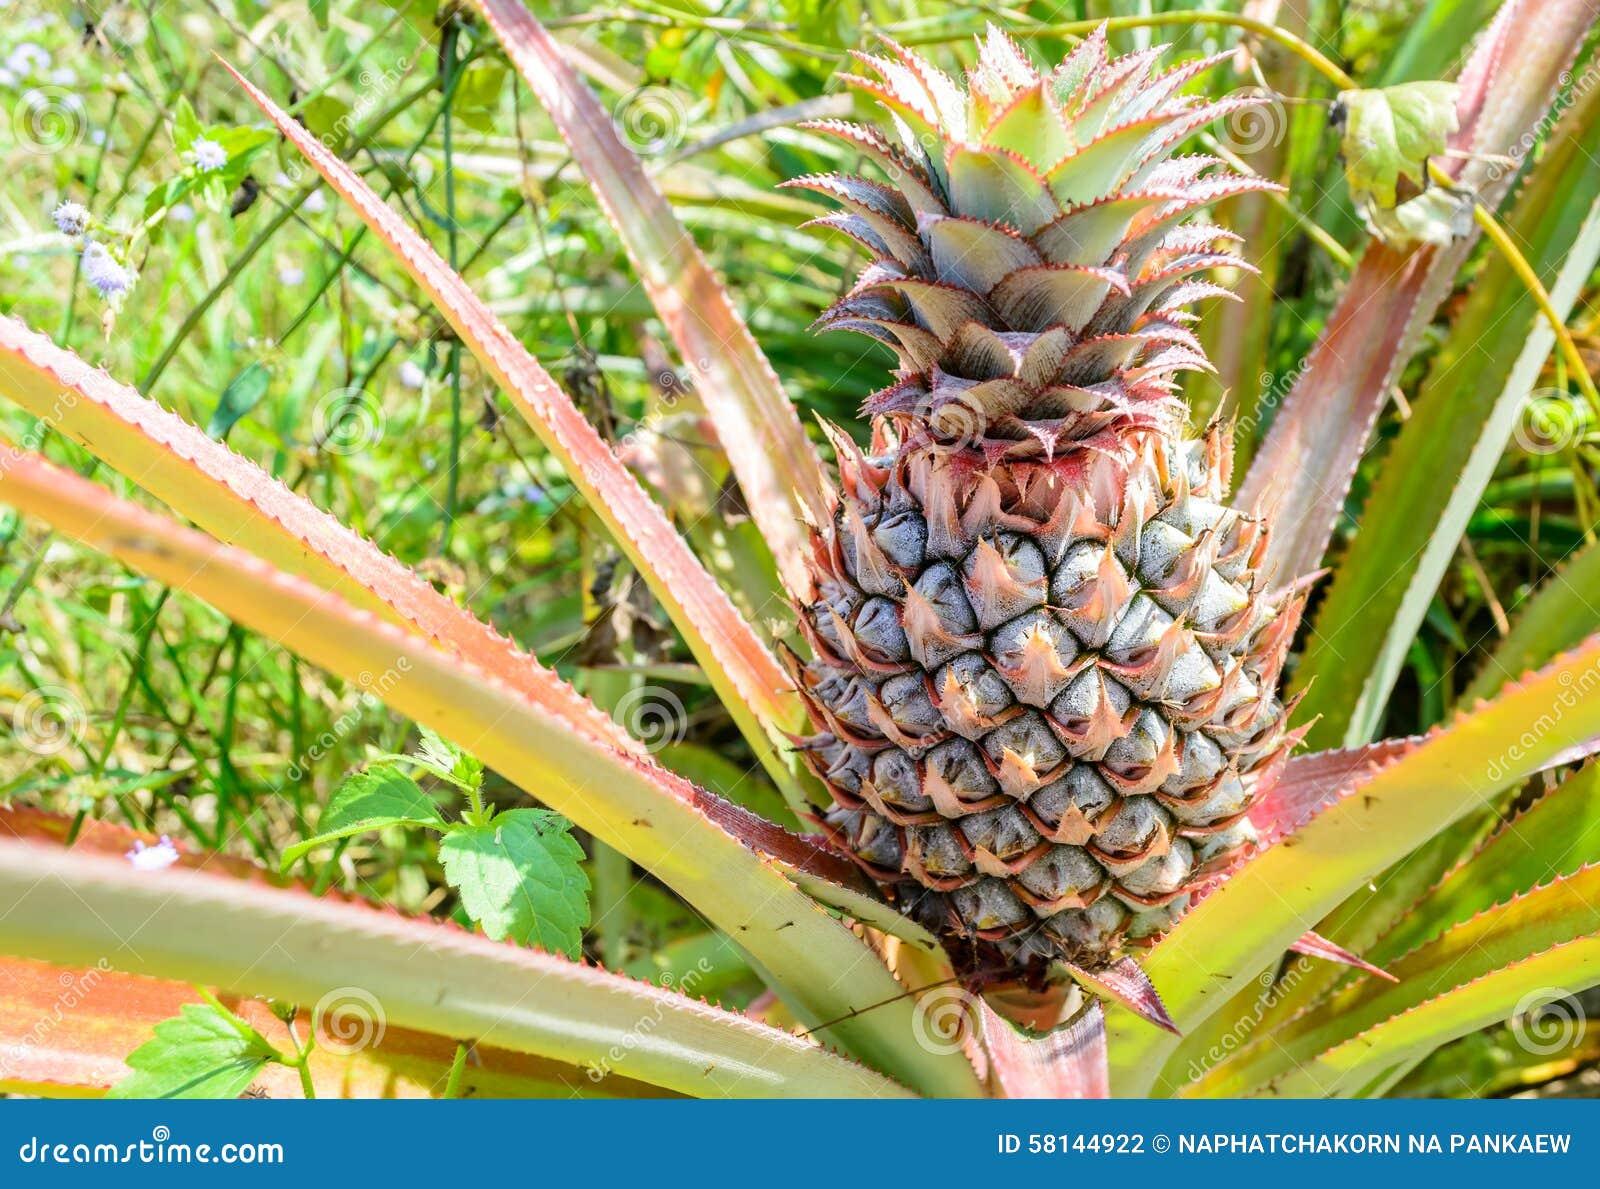 Rbol tropical fresco de la pi a foto de archivo imagen - Arbol de pina ...